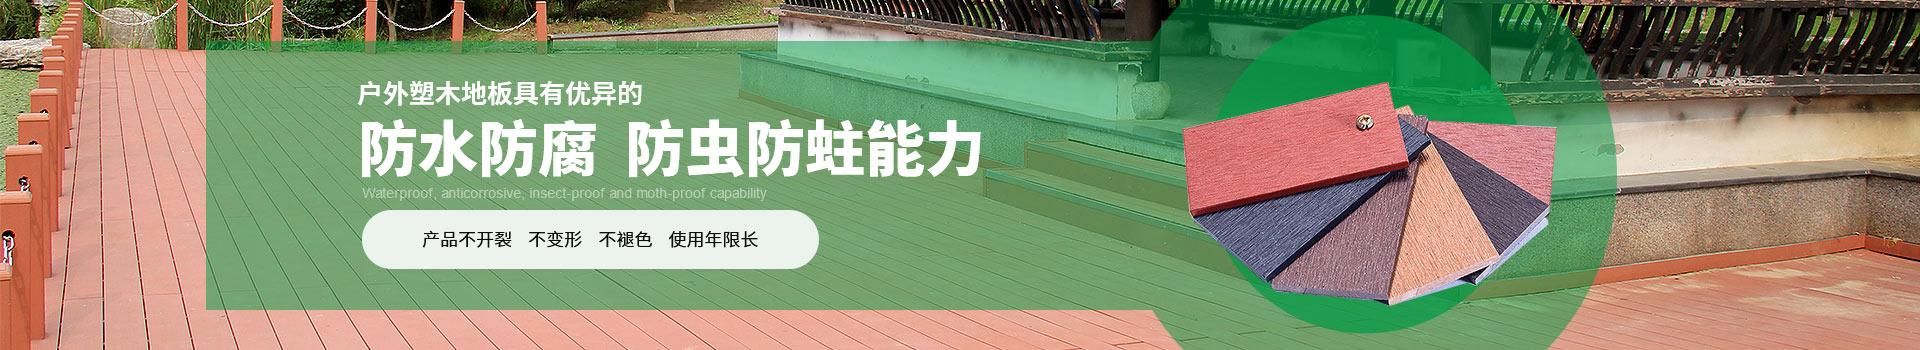 舜腾户外塑木地板防水防腐、防虫防蛀能力